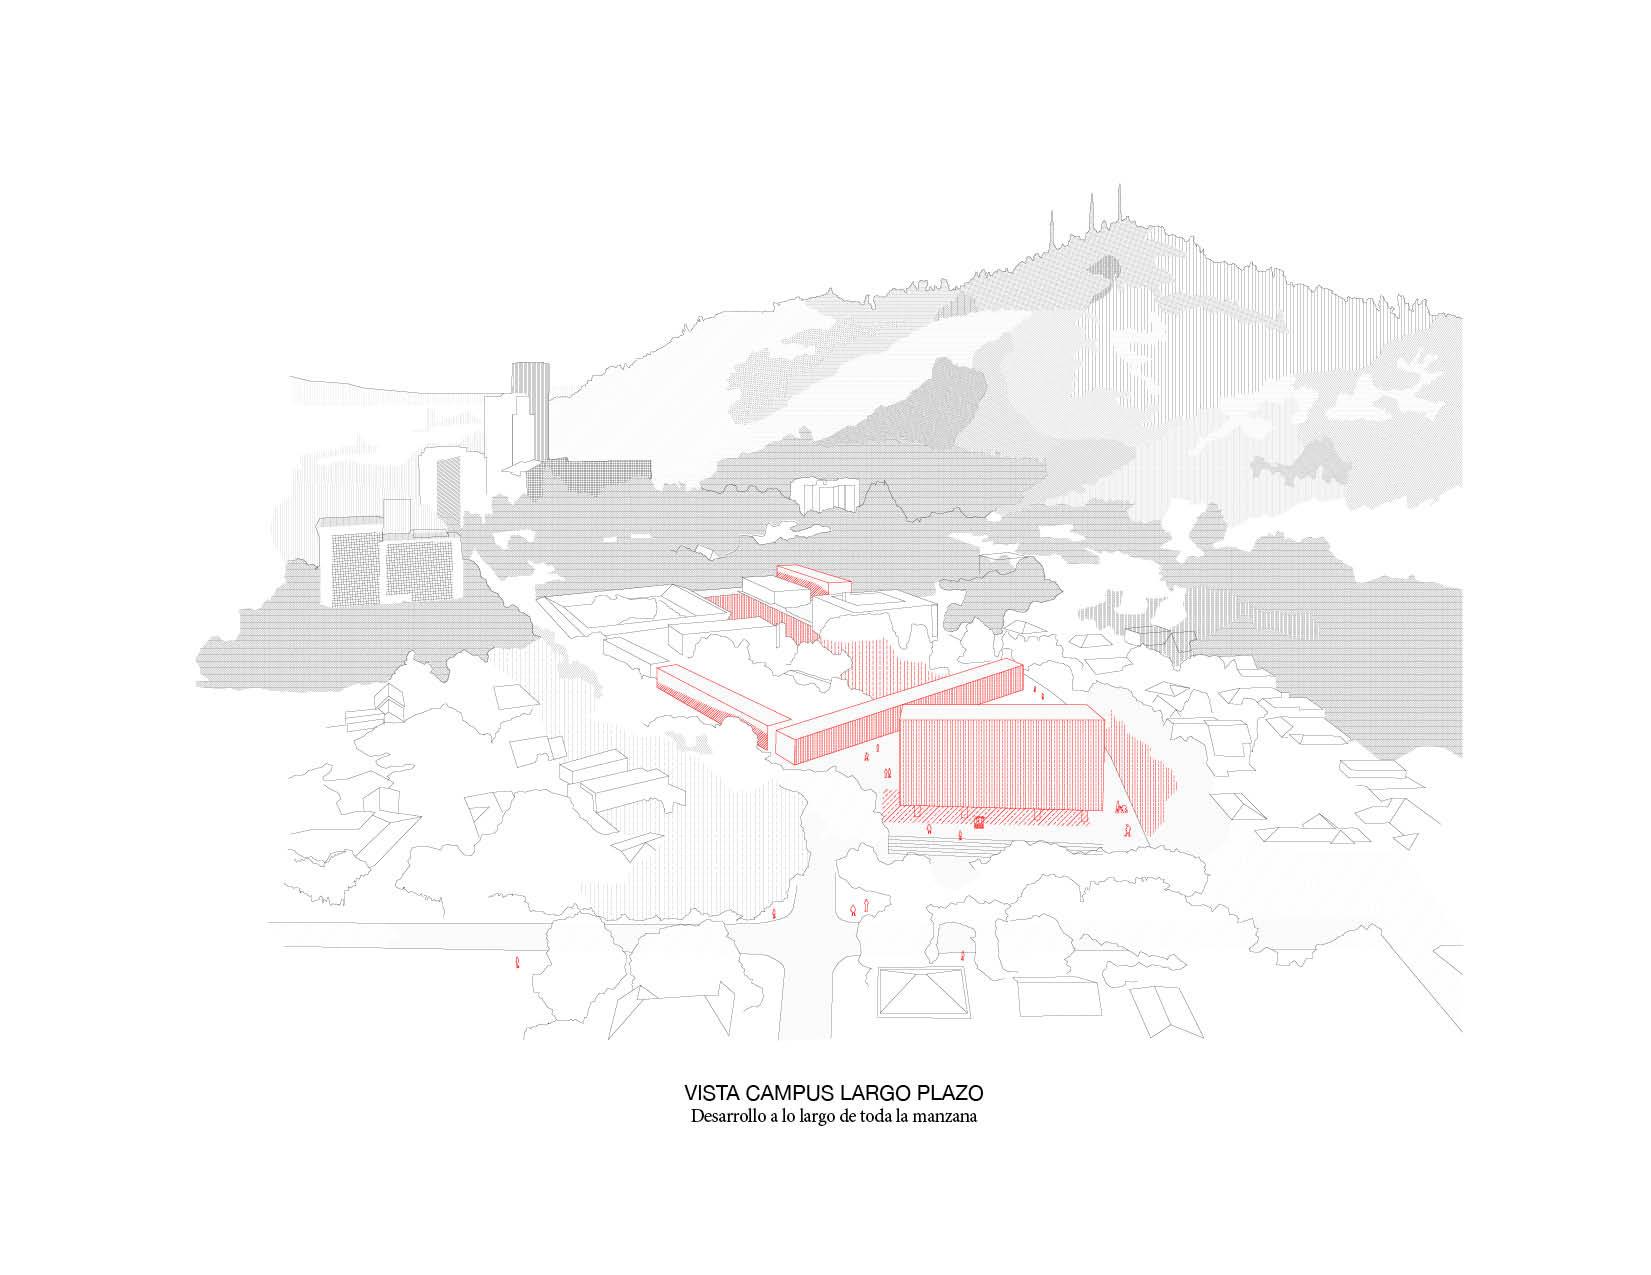 Axonométrica del campus según Plan Maestro. Image Cortesia de Beals + Lyon Arquitectos